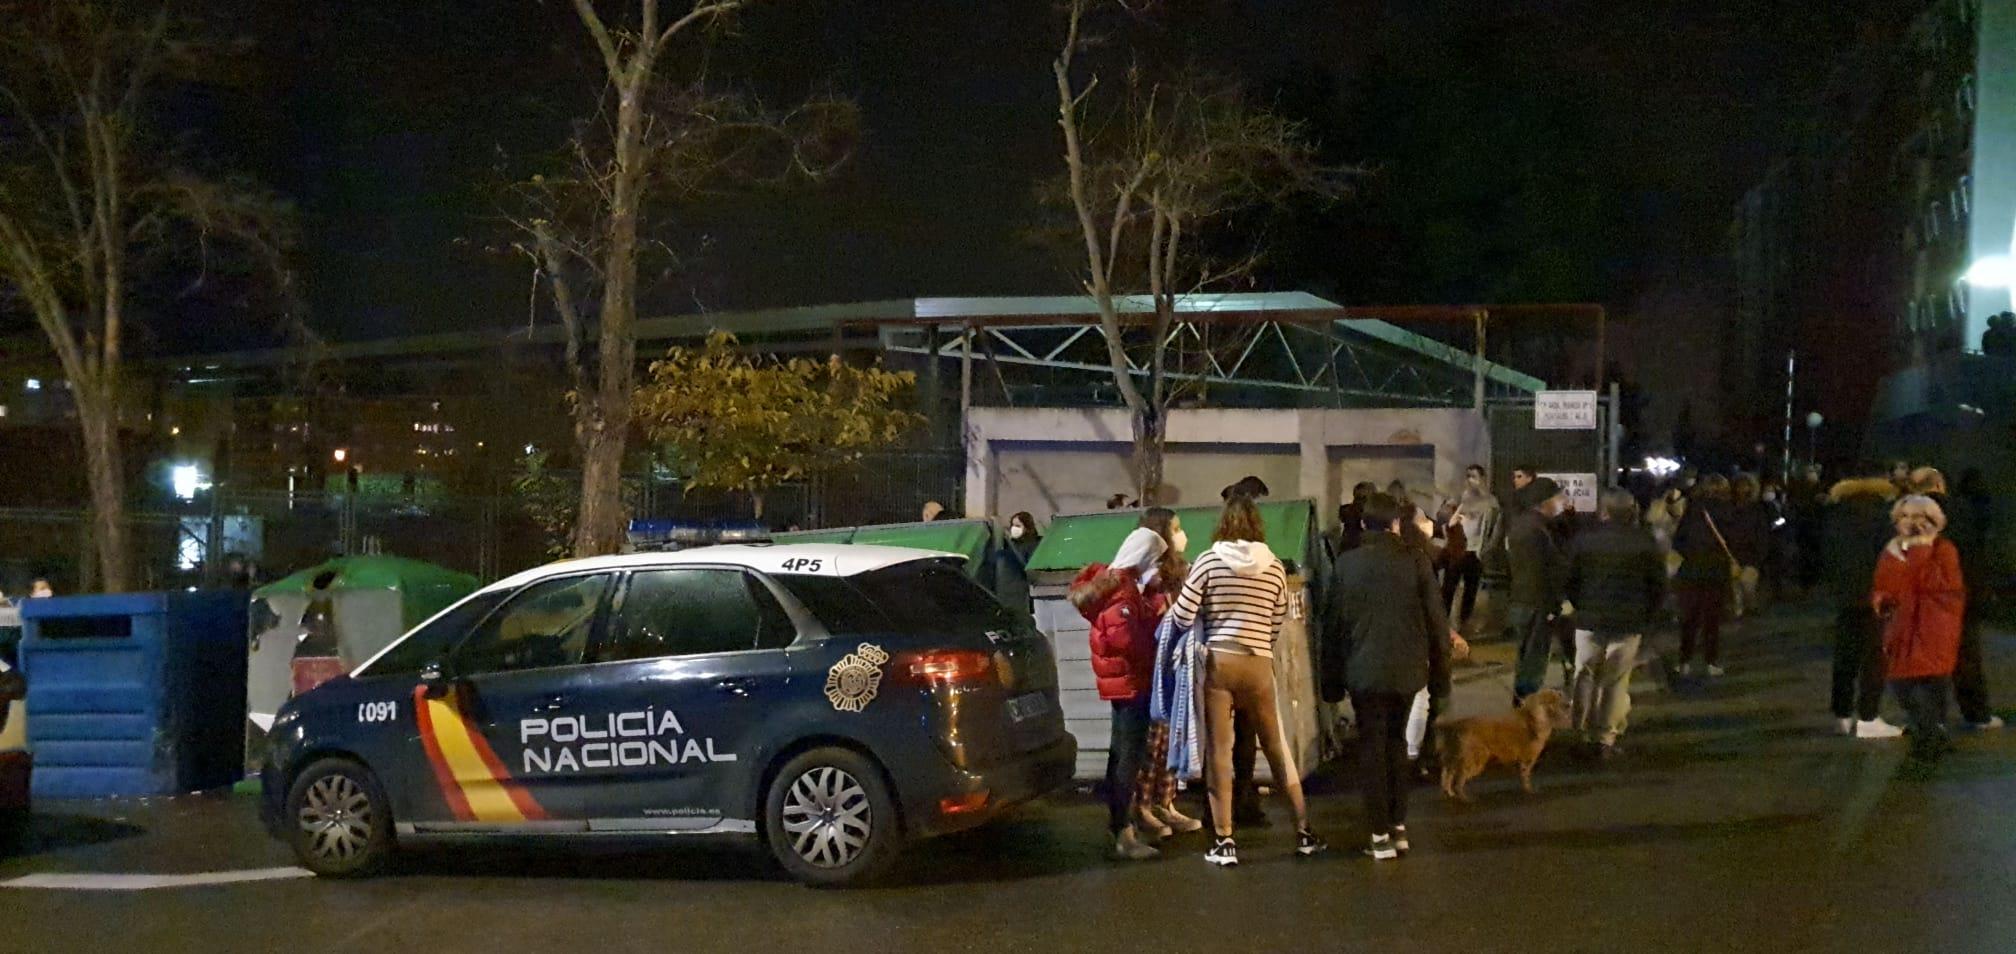 El incendio de un vehículo en el portal 9 de la avenida de Francia, 1, en Toledo, ha provocado el desalojo de, al menos, 200 personas.